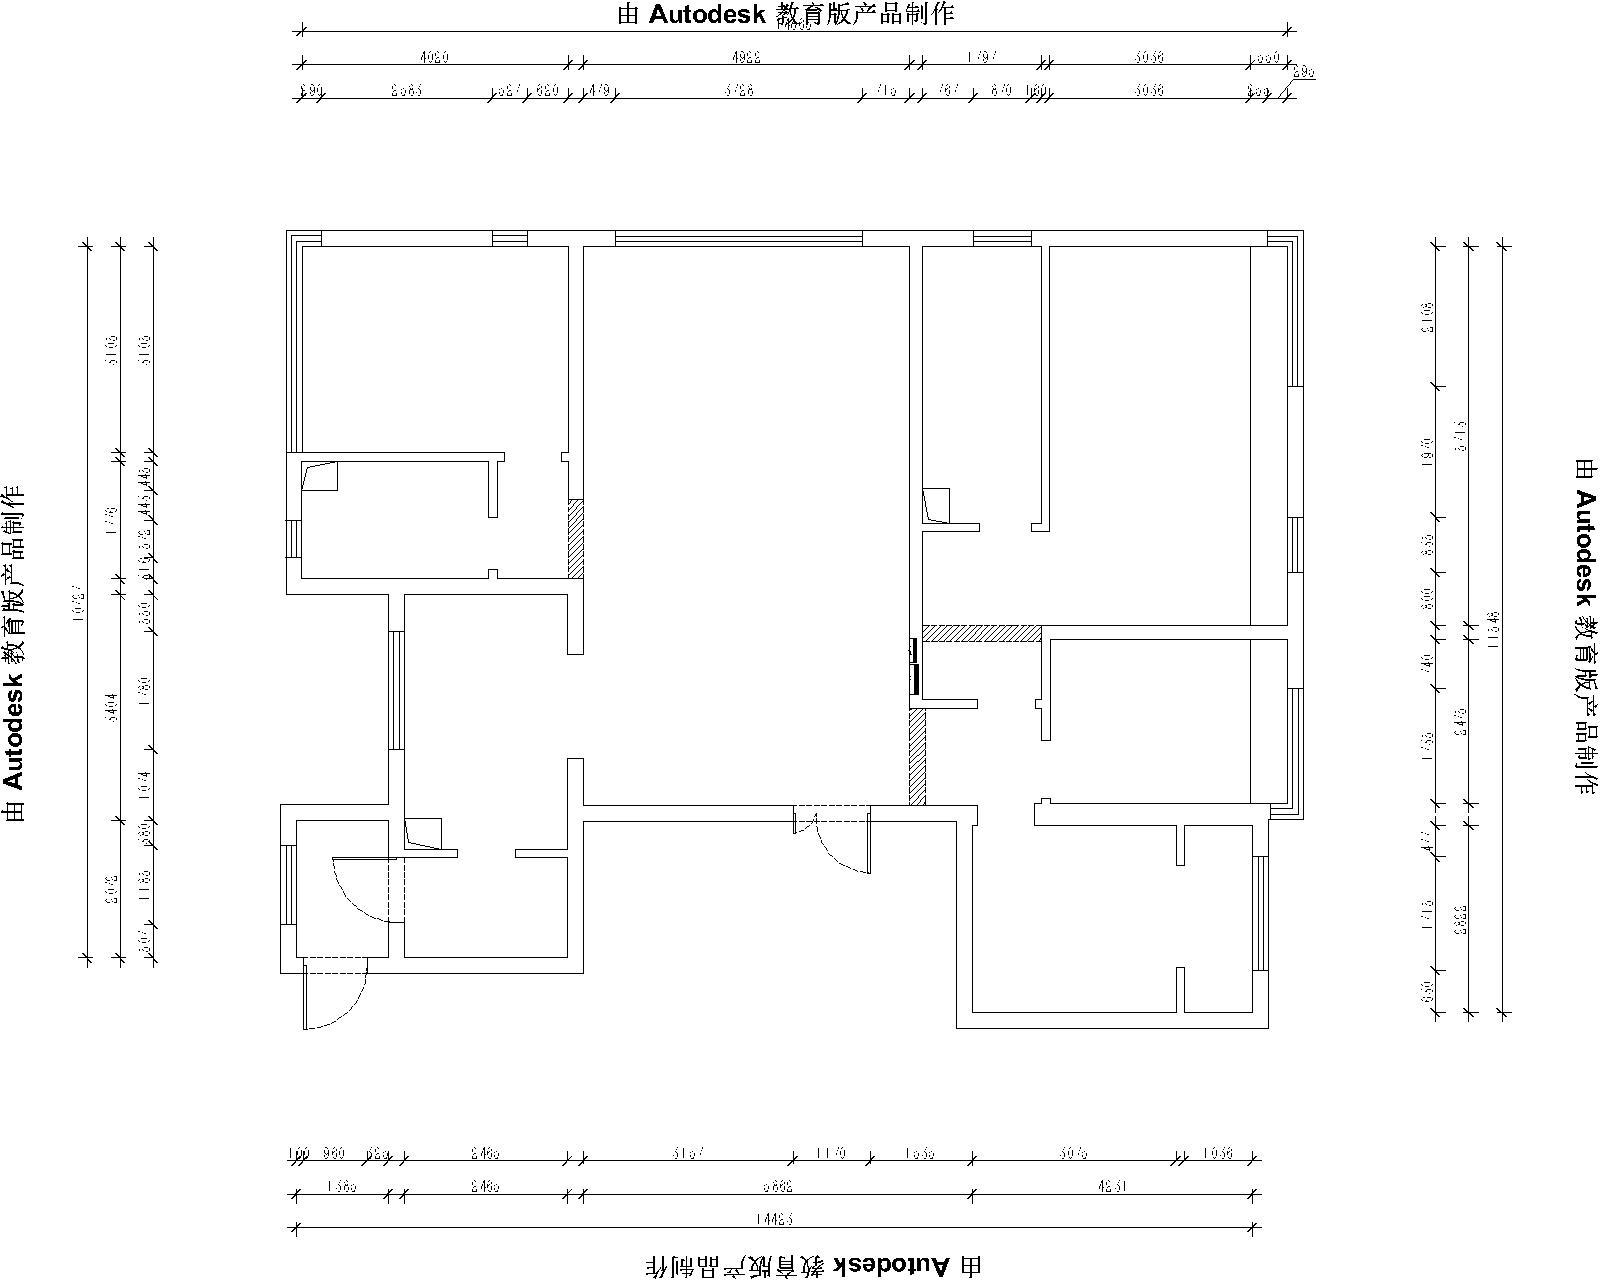 泰达河与海-简美性状style-160m/2装潢策划愿景